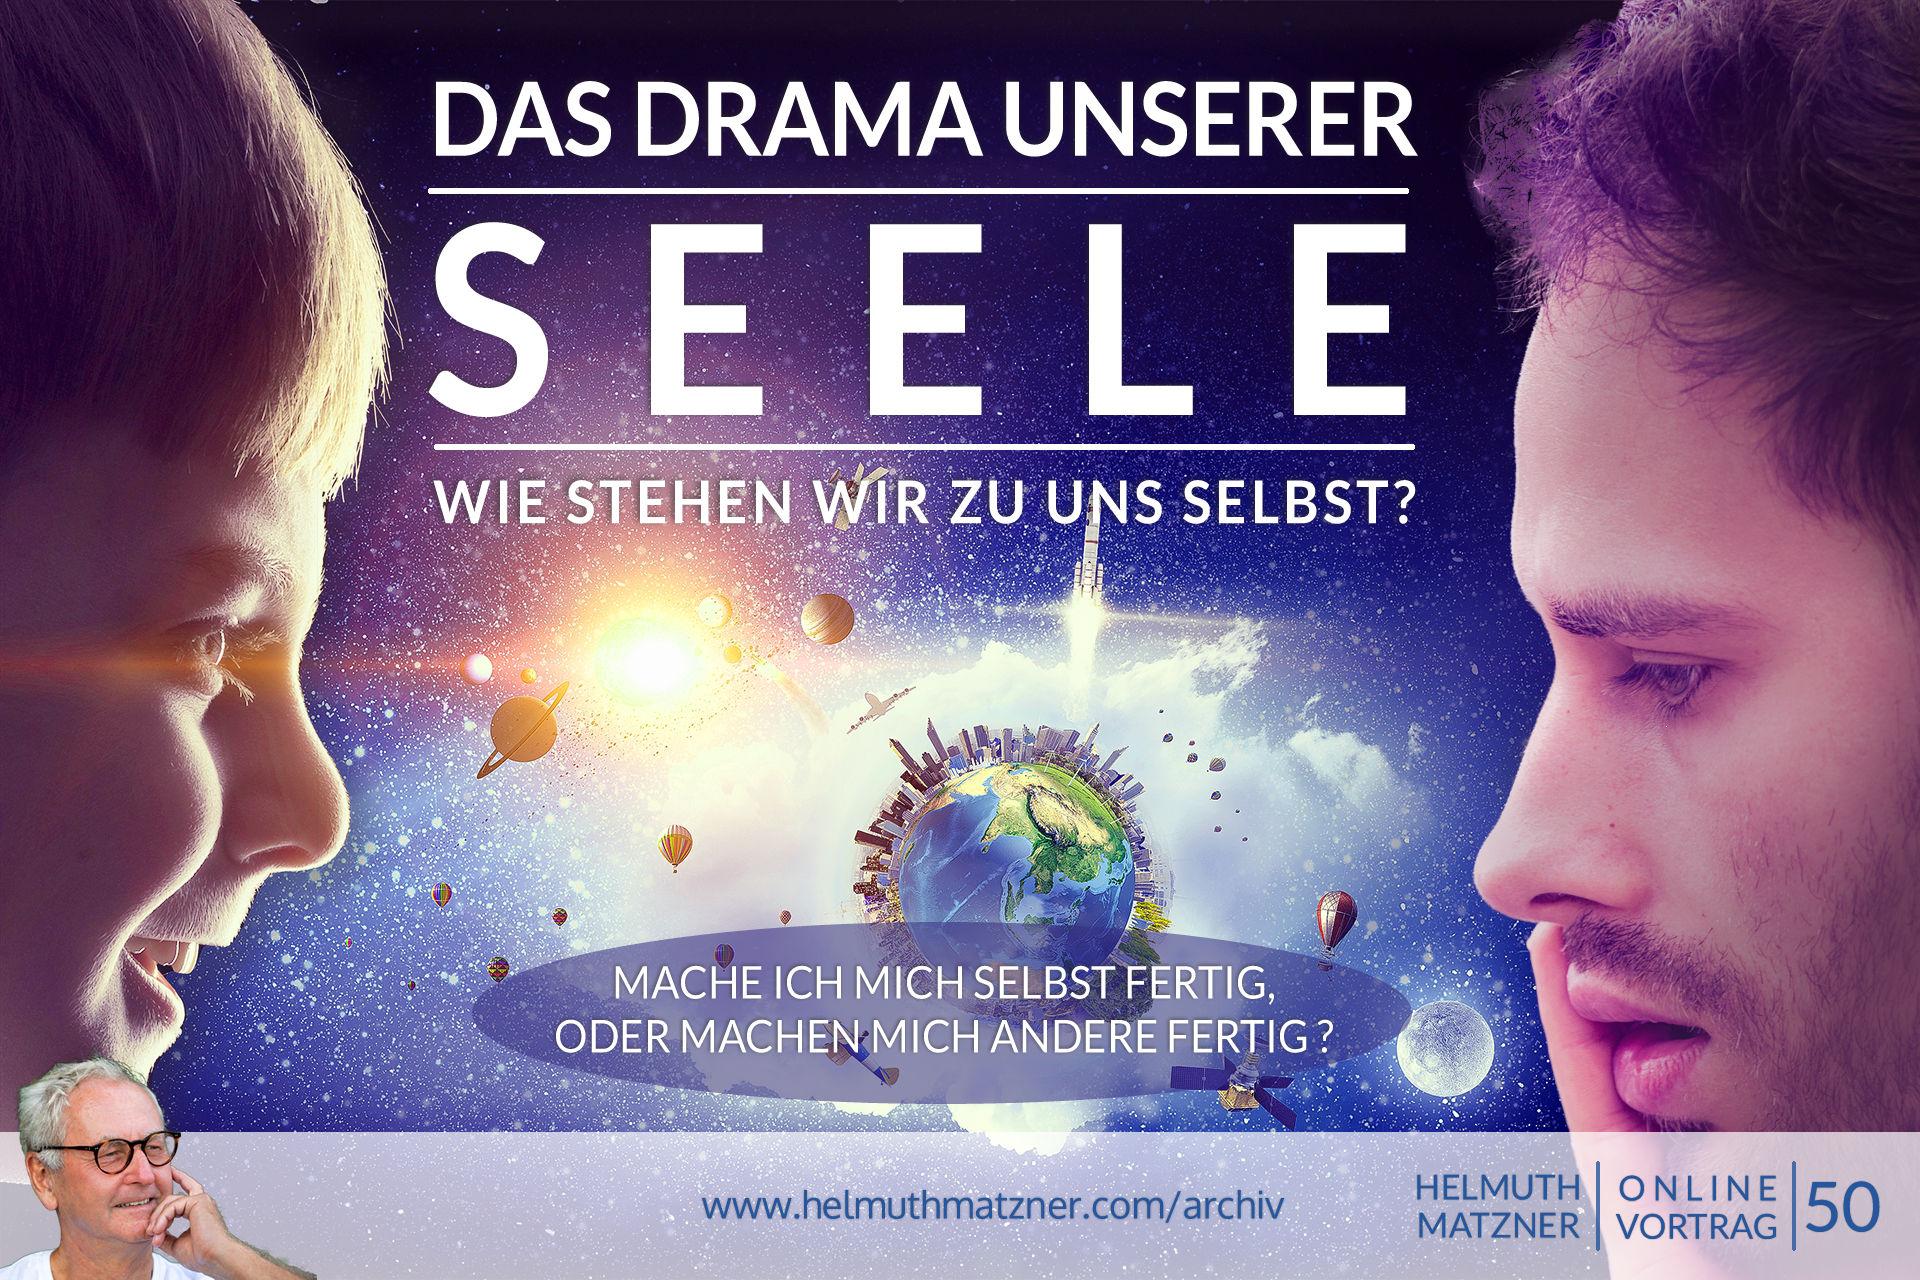 Helmuth Matzner - Online-Vortrag 50 - Drama unserer Seele - Archiv v05C